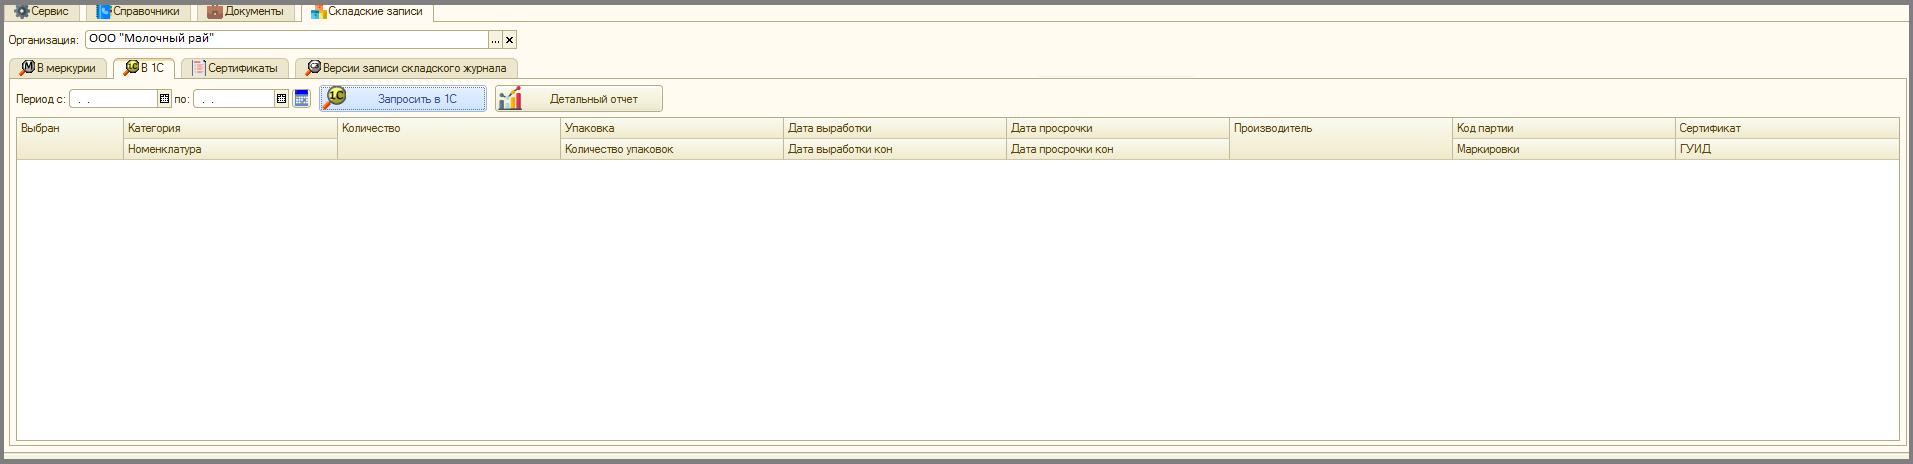 9. Пример раздела 'Складские записи' в подразделе 'В 1С'' (для просмотра остатков в 1С и детального отчета по движению складских записей).